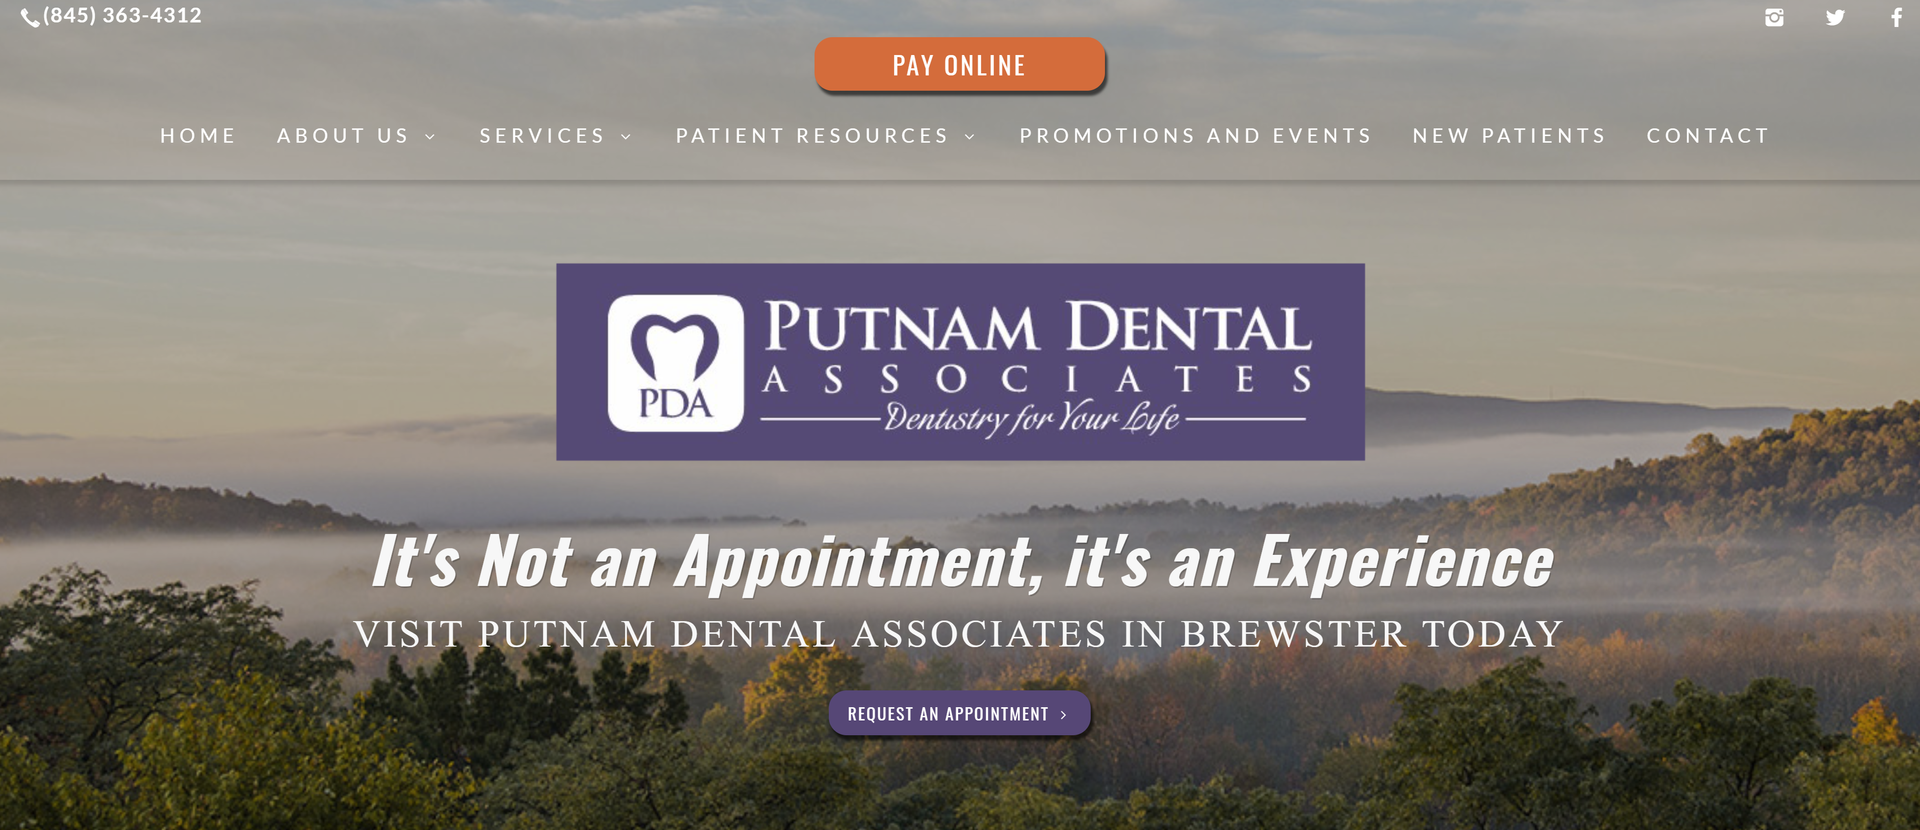 putnam dental home page.png